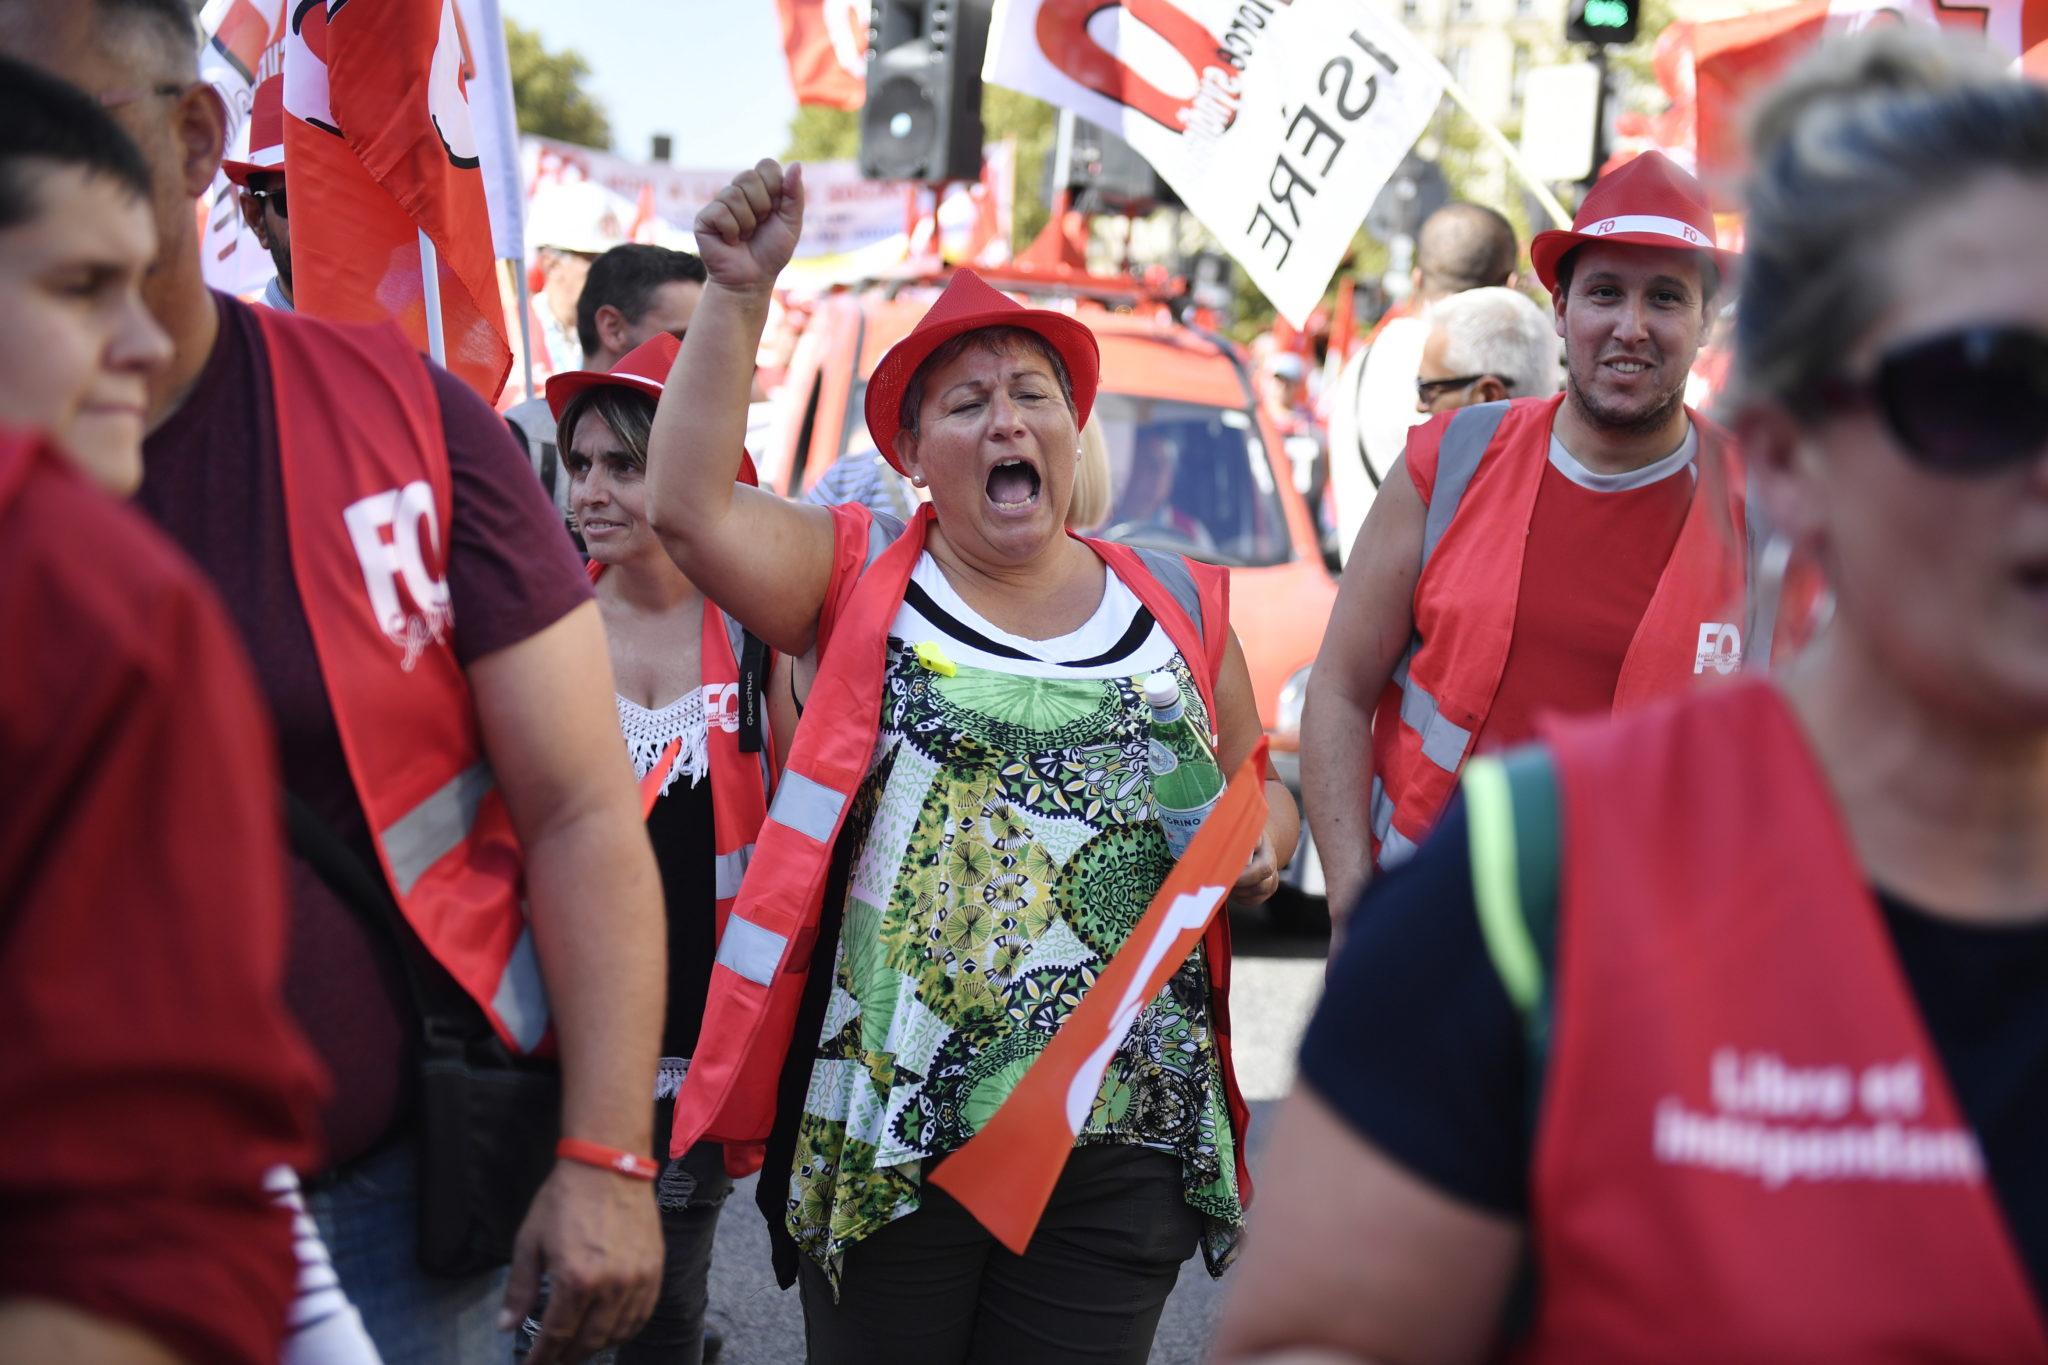 Paryż: protesty (głównie związkowców) przeciwko zmianom w systemie emerytalnym we Francji, fot. JULIEN DE ROSA , PAP/EPA